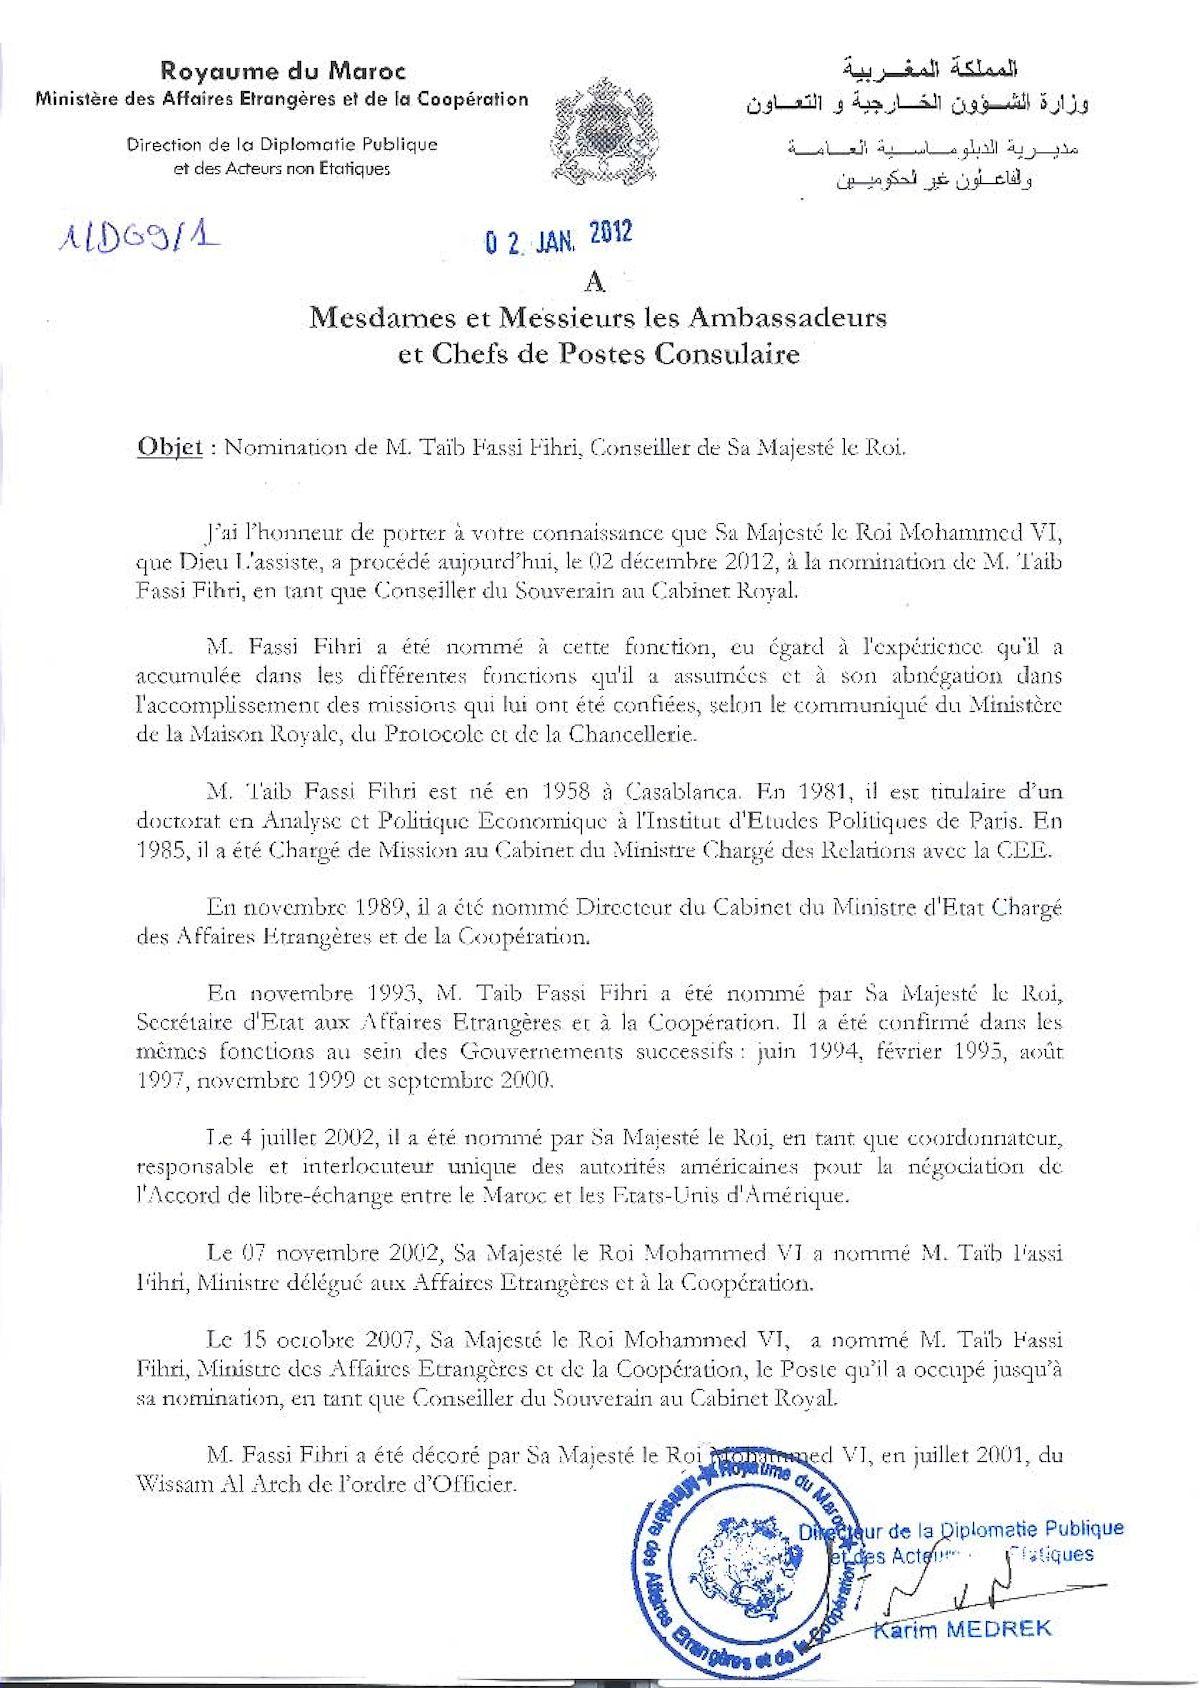 1 Nomination De M Taïb Fassi Fihri, Conseiller De Sa Majesté Le Roi